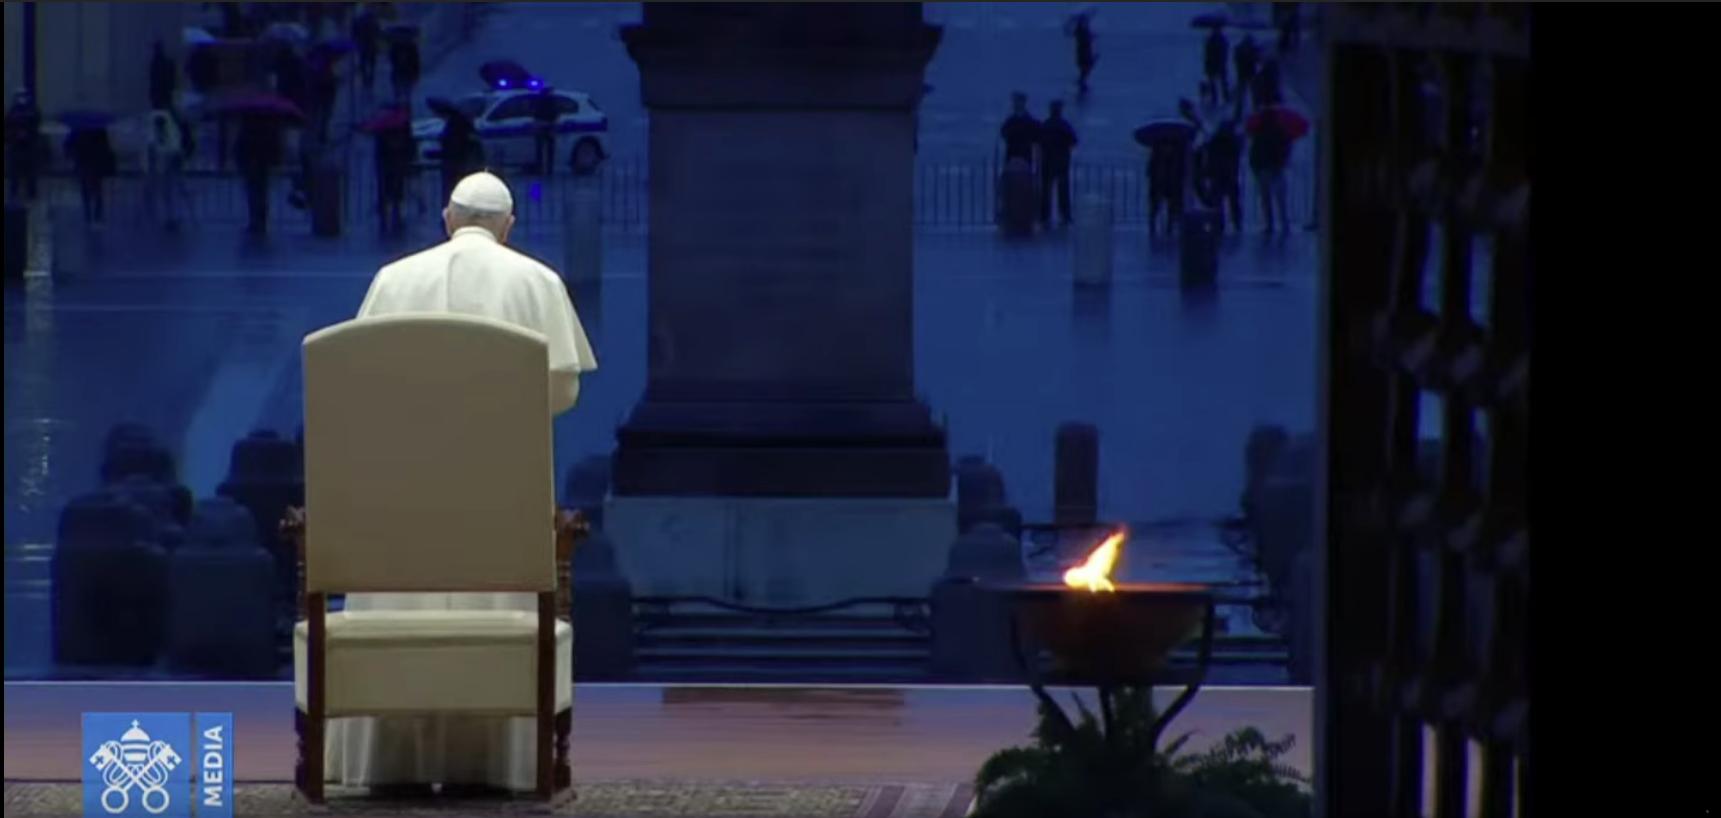 La foto raffigura un frame del video dell'indulgenza plenaria concessa da Papa Francesco. Vi si vede il Papa, ripreso di spalle, davanti allo sfondo della piazza. La scena è alterata dalla prospettiva